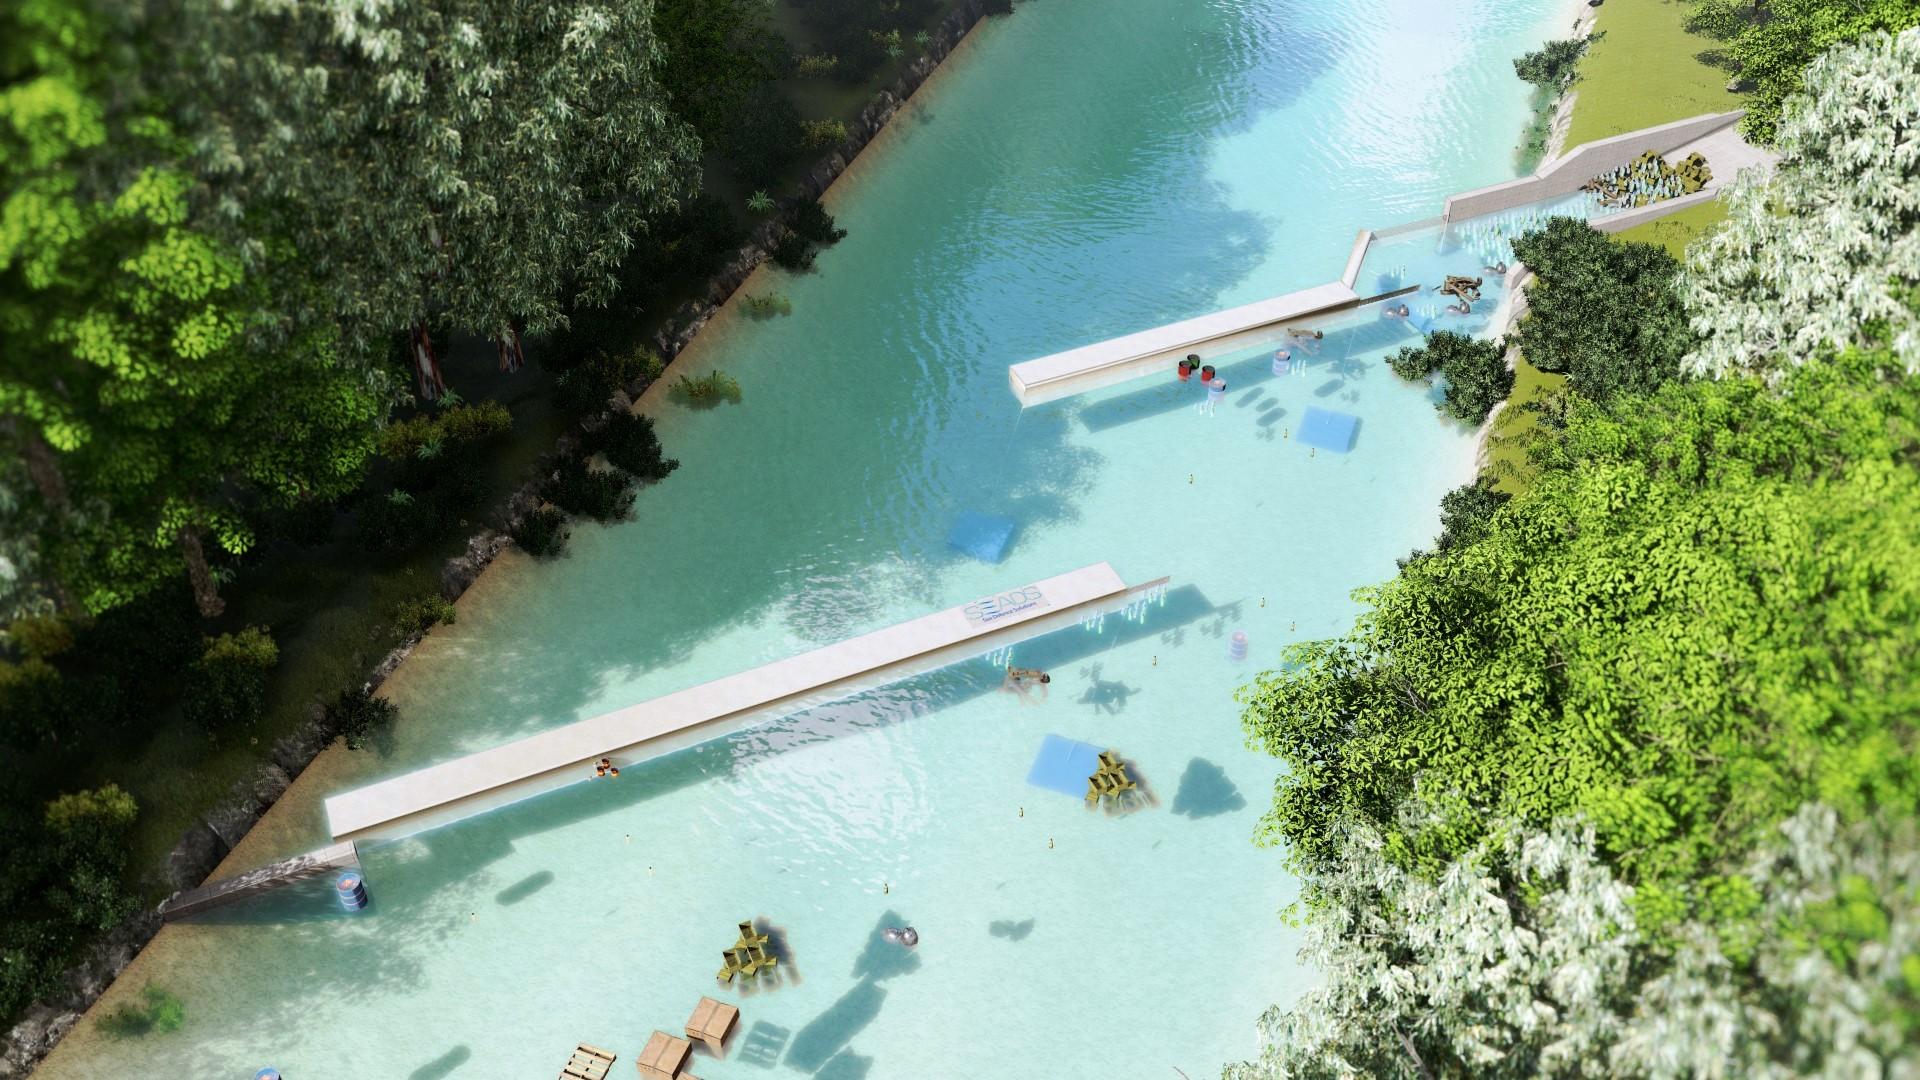 Blue Barriers, l'invenzione contro l'inquinamento da plastica inventata da due italiani